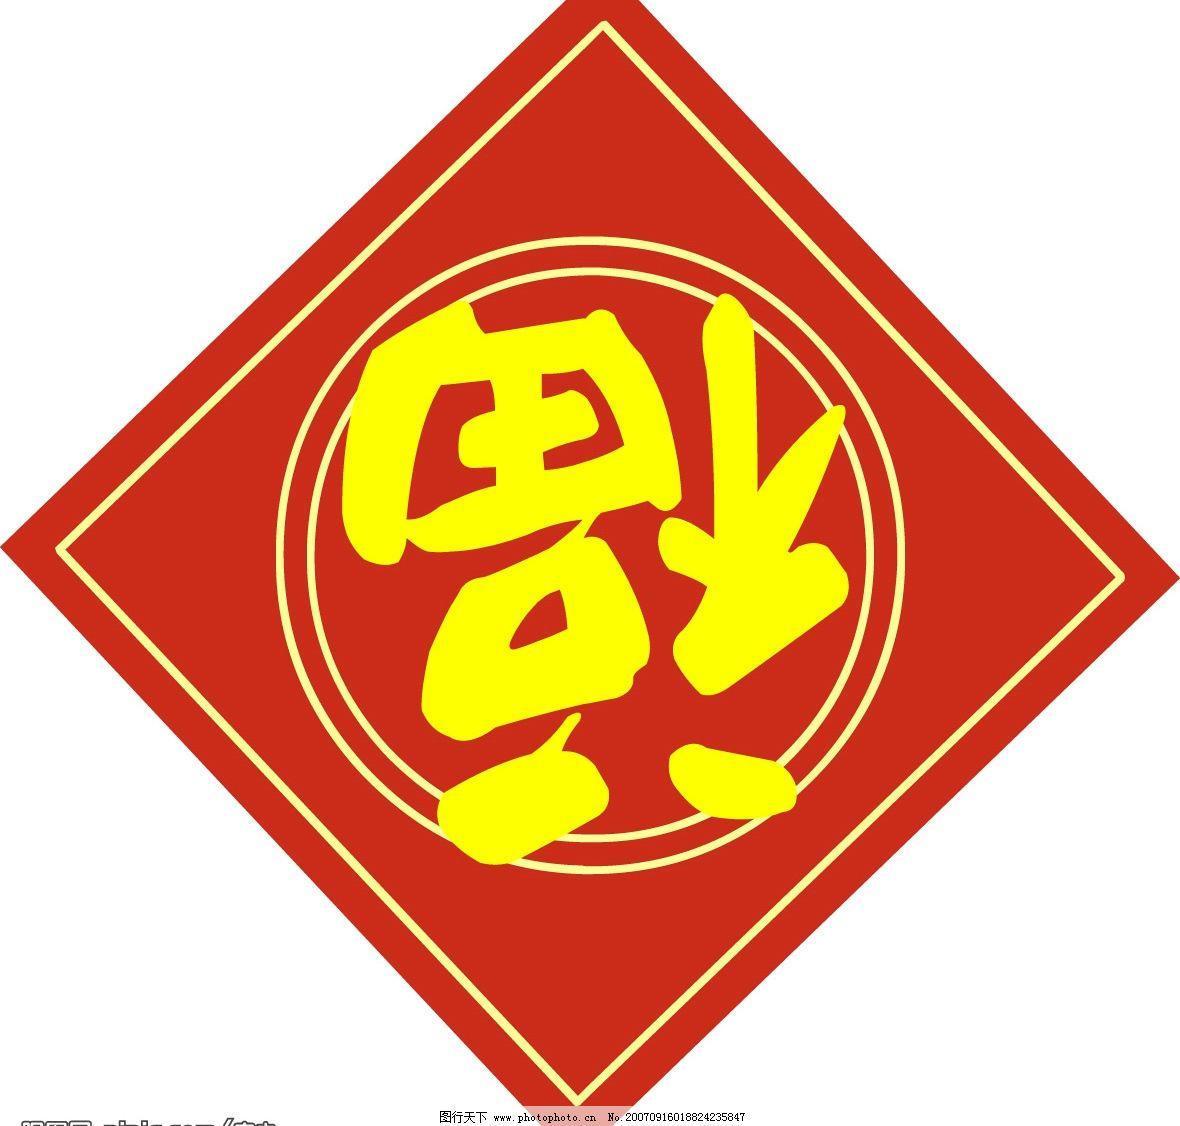 福字年画 传统矢量图 中国传统矢量图 传统图案矢量图 中国传统图案